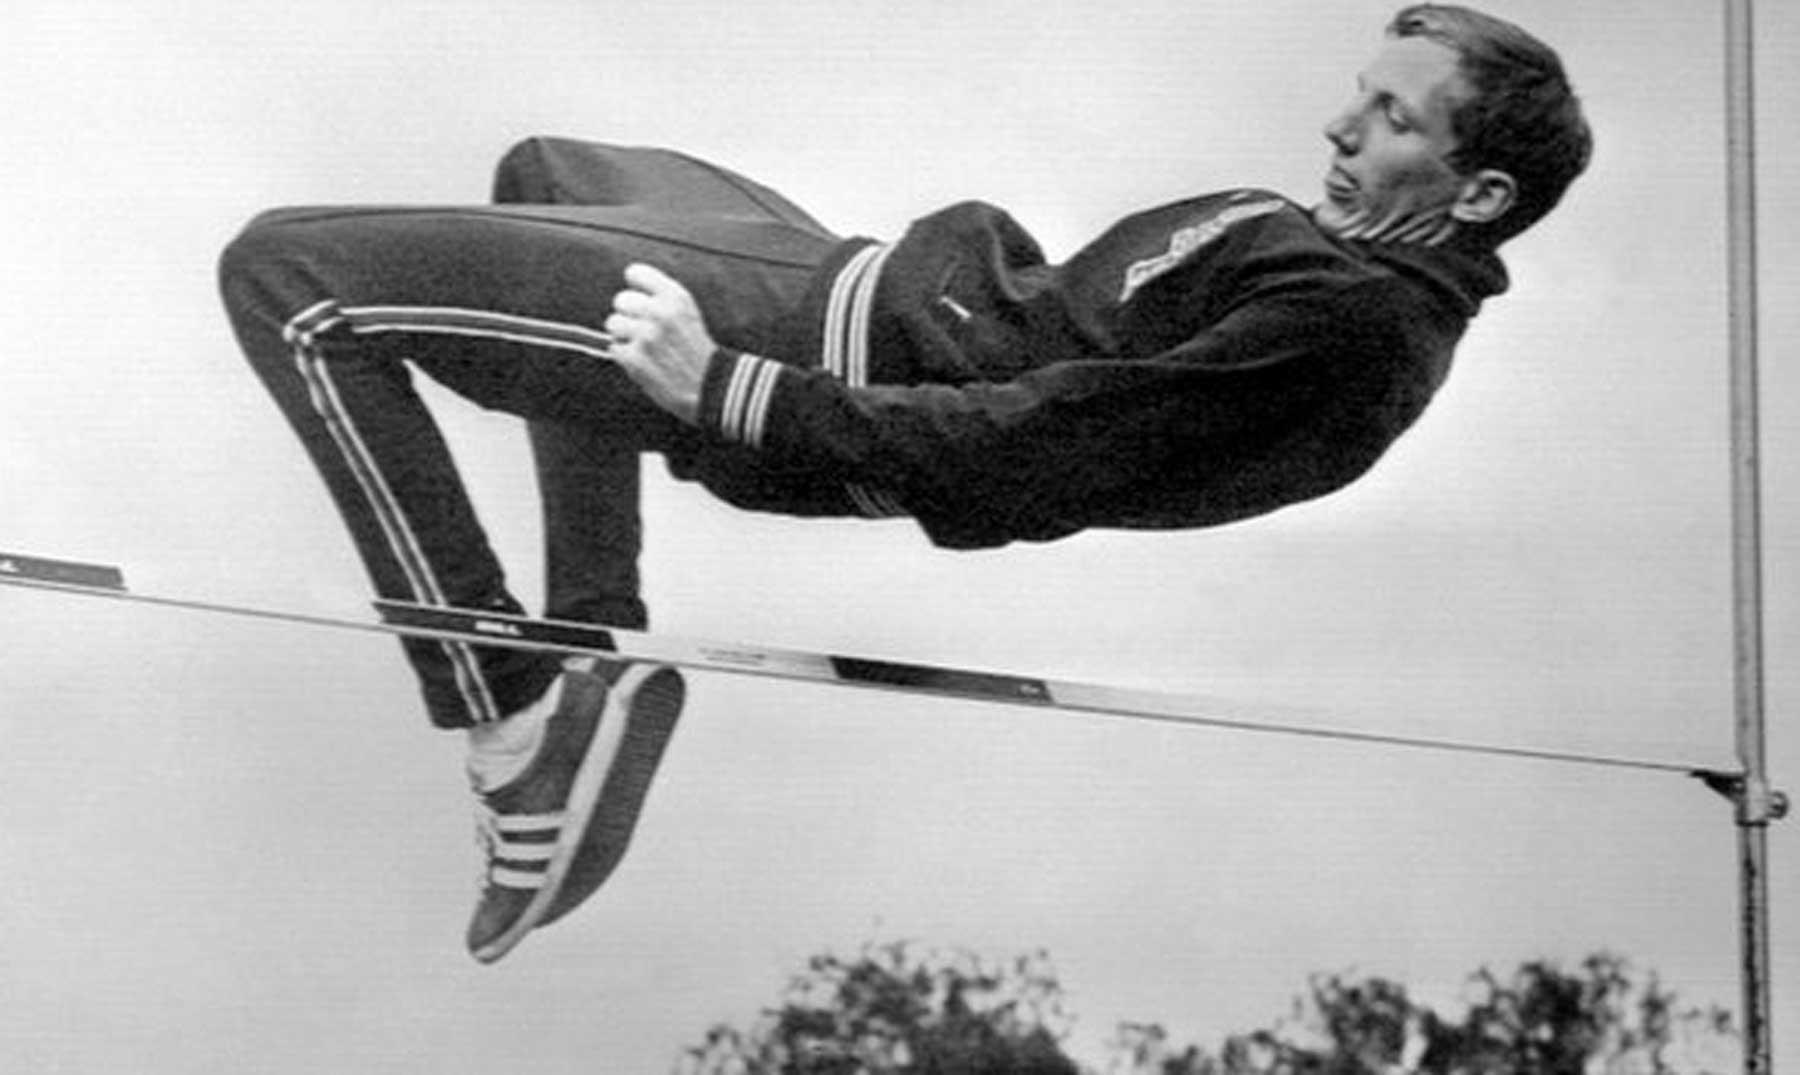 Dick Fosbury: La revolución del salto de altura.